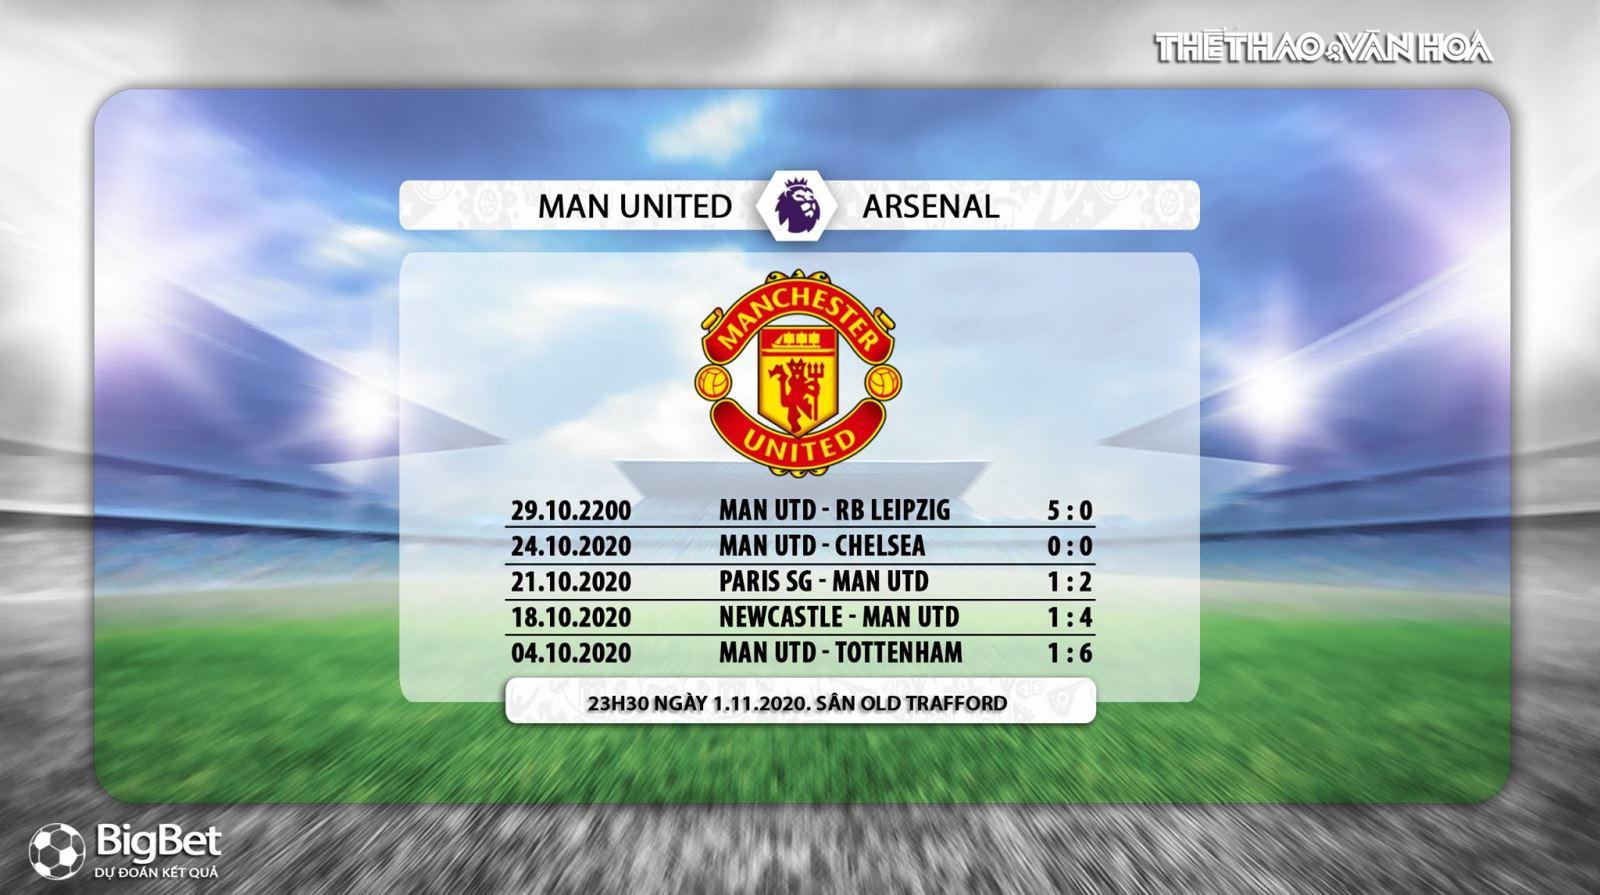 Trực tiếp MU vs Arsenal, K+PM, truc tiep bong da, MU vs Arsenal, trực tiếp MU đấu với Arsenal, trực tiếp bóng đá ngoại hạng Anh, K+PM, xem bóng đá trực tuyến, kèo MU